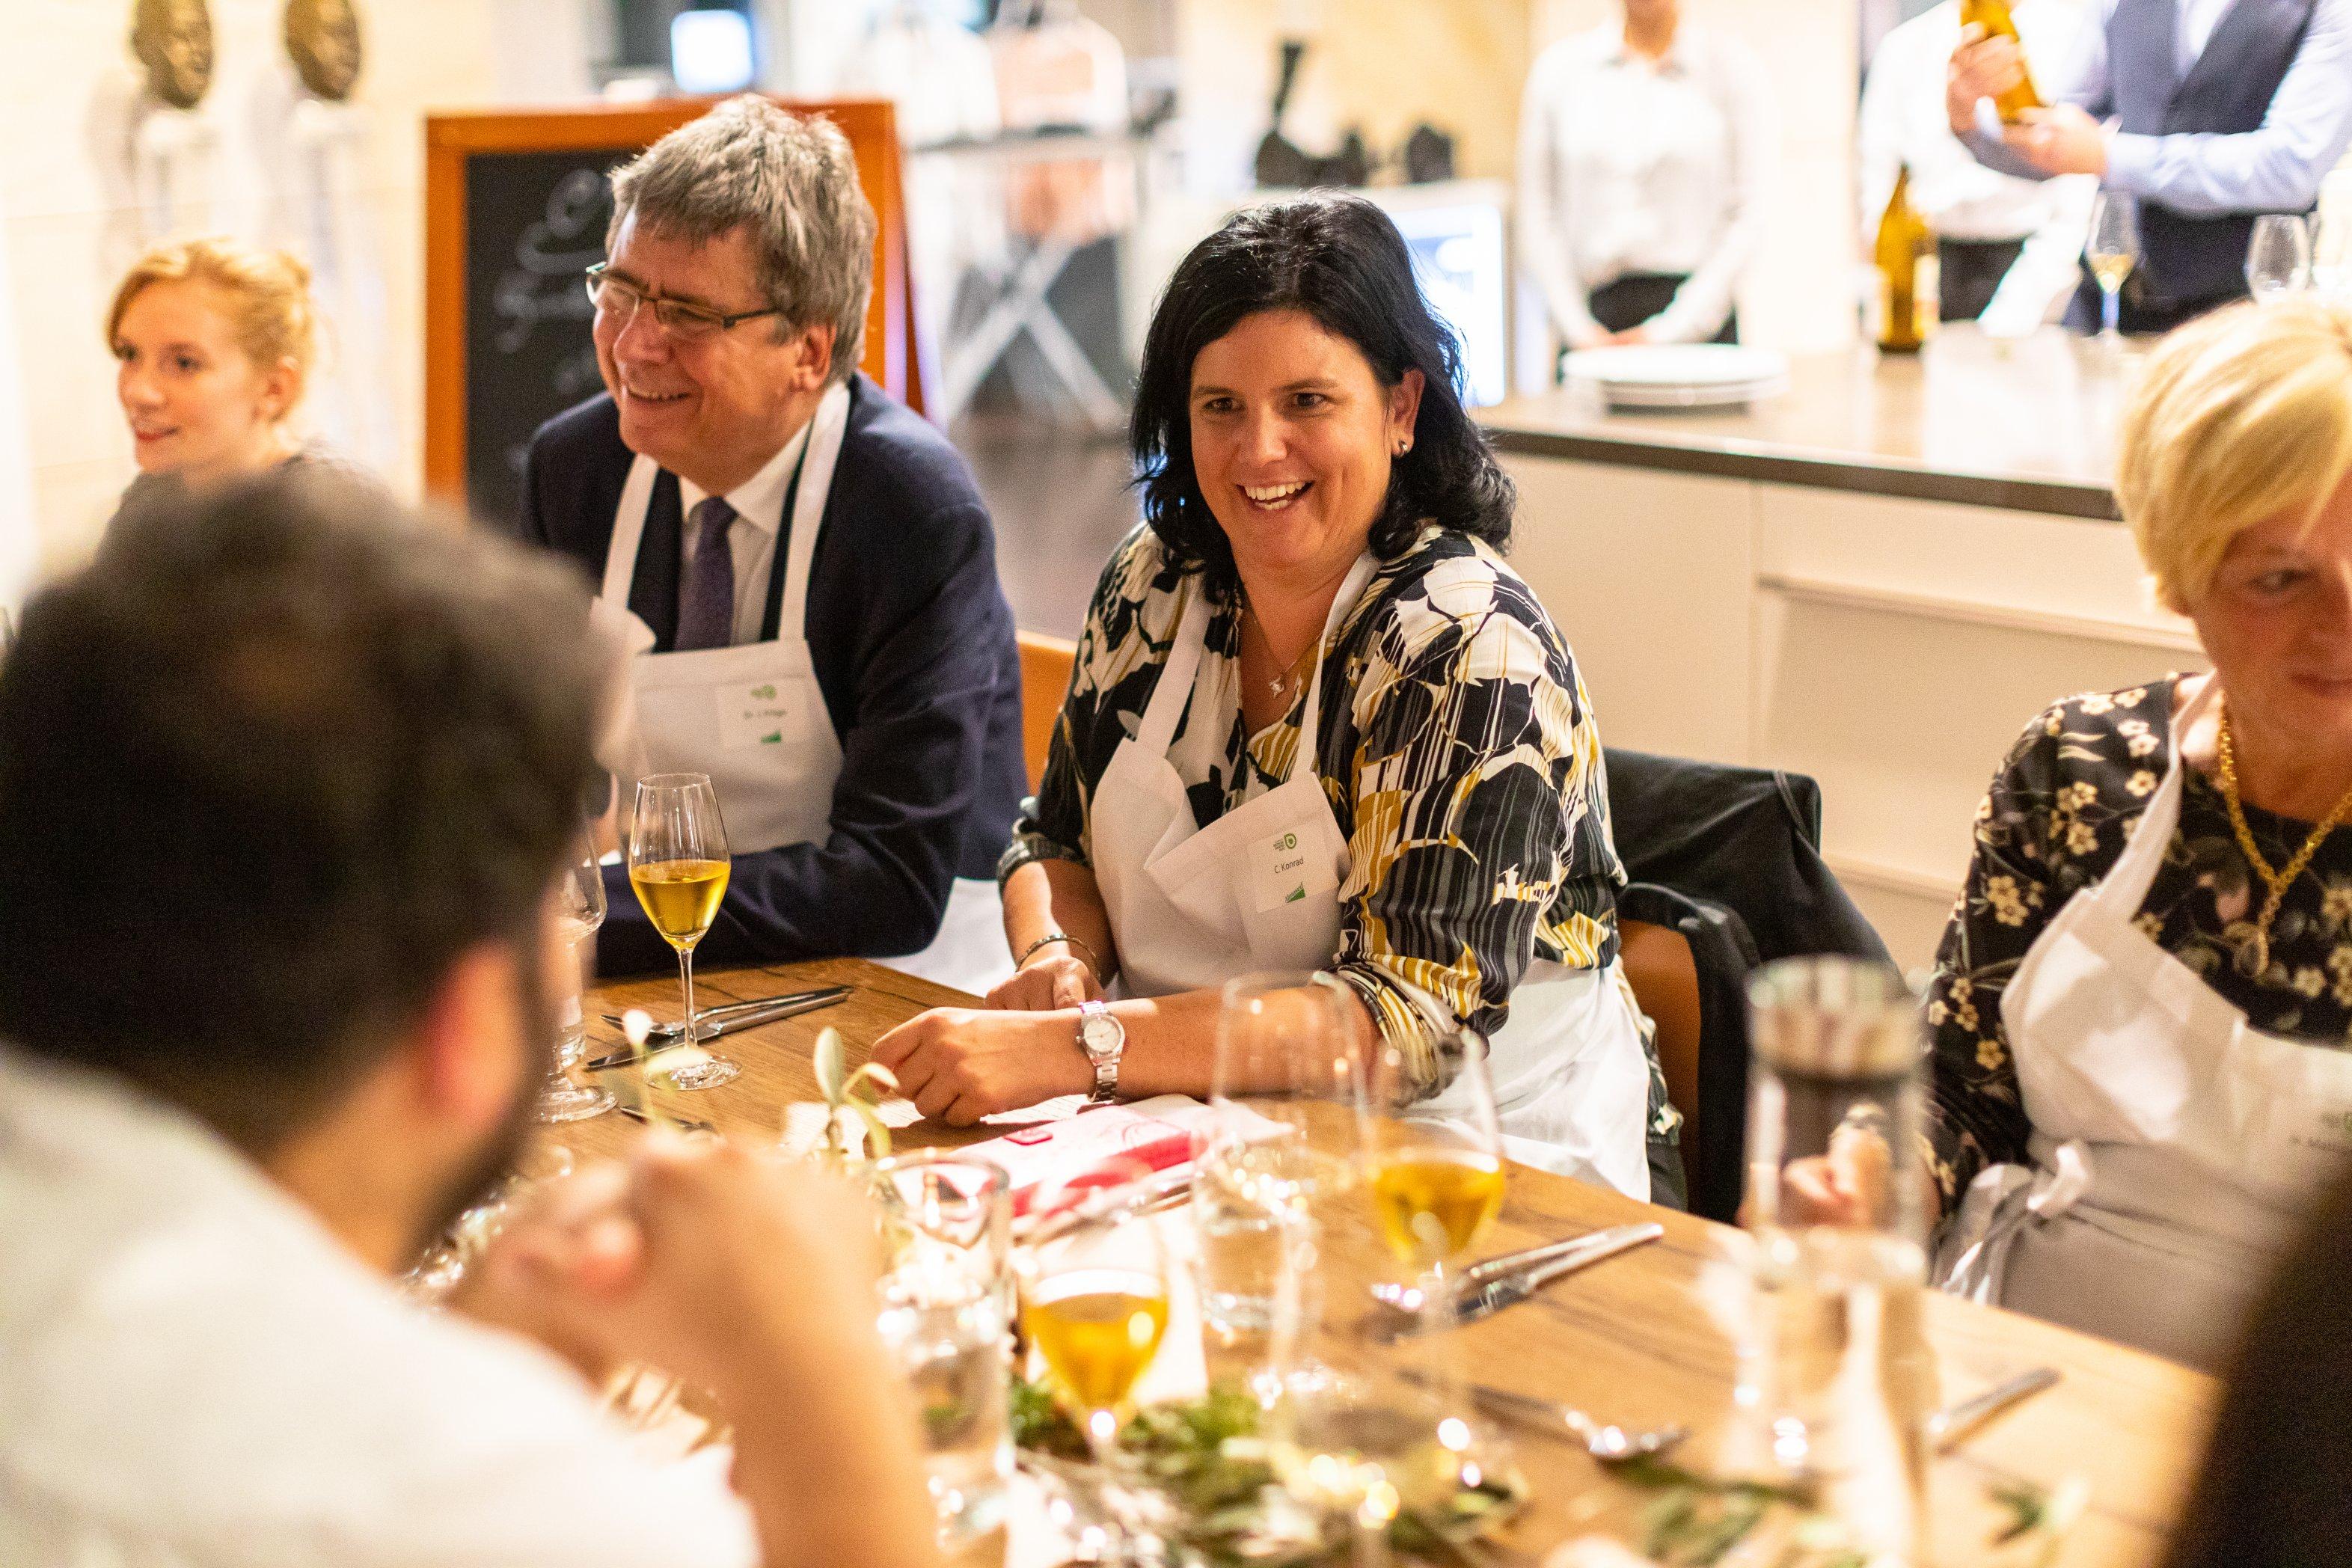 Parlamentarisches Kochen am 26.09.2019